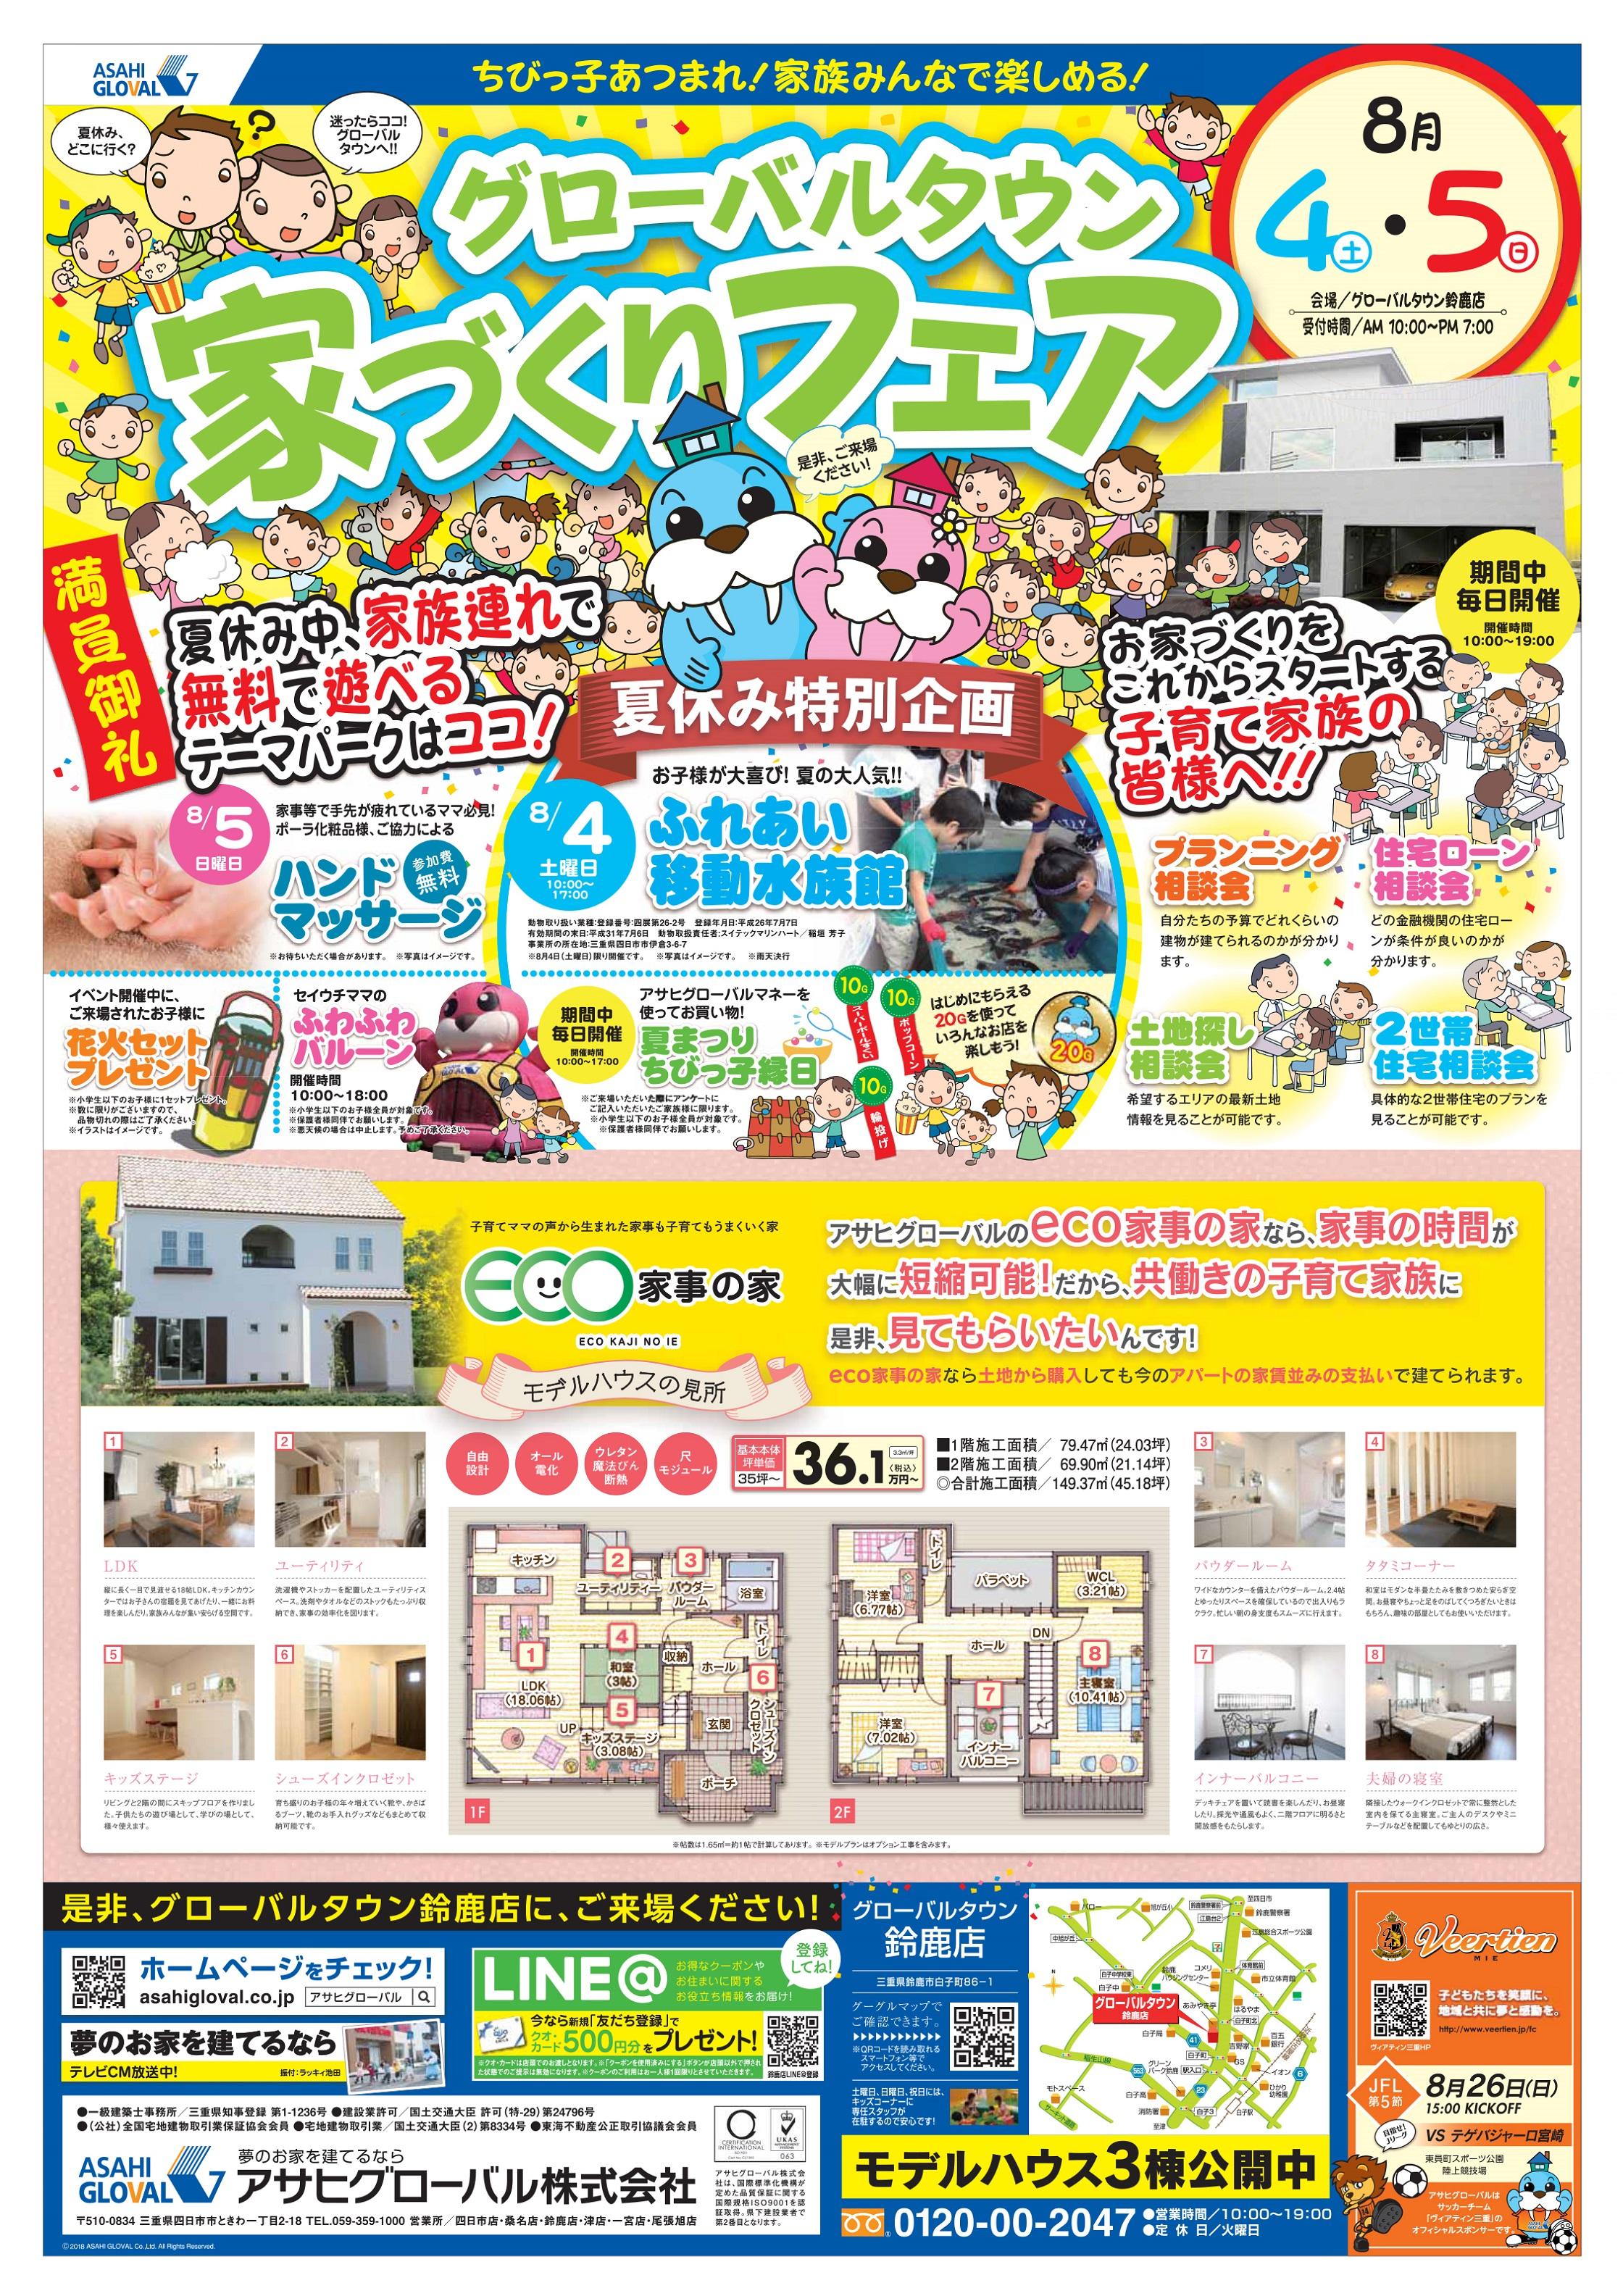 【グローバルタウン鈴鹿店】グローバルタウン 家づくりフェア 開催!